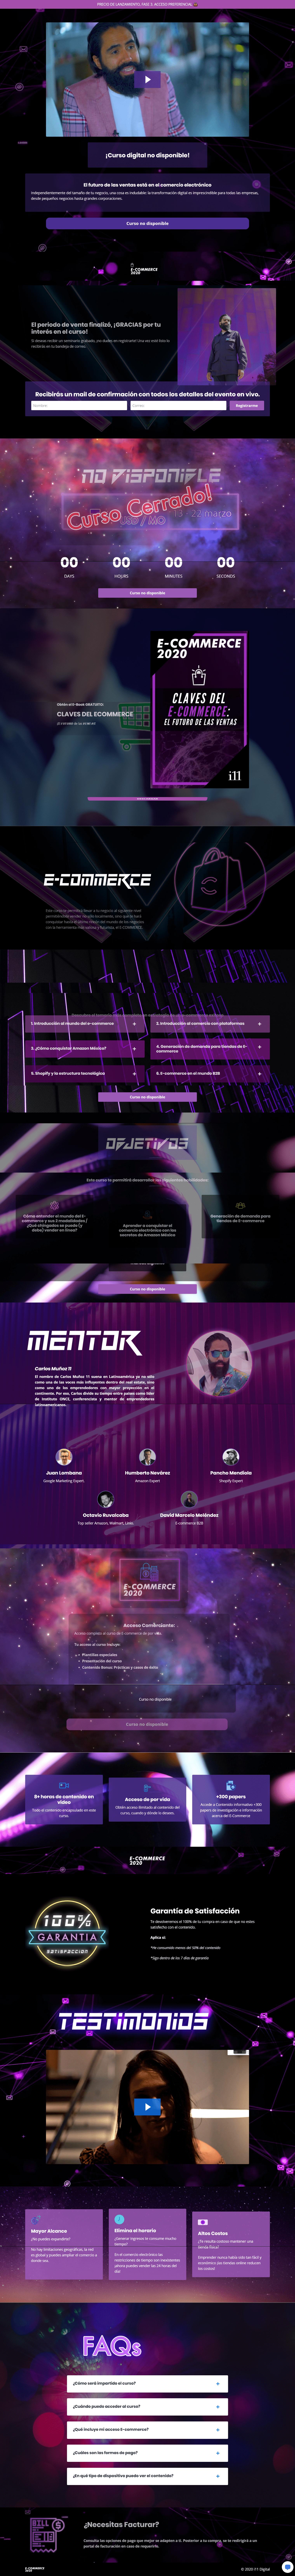 Ecommerce Digital 2020